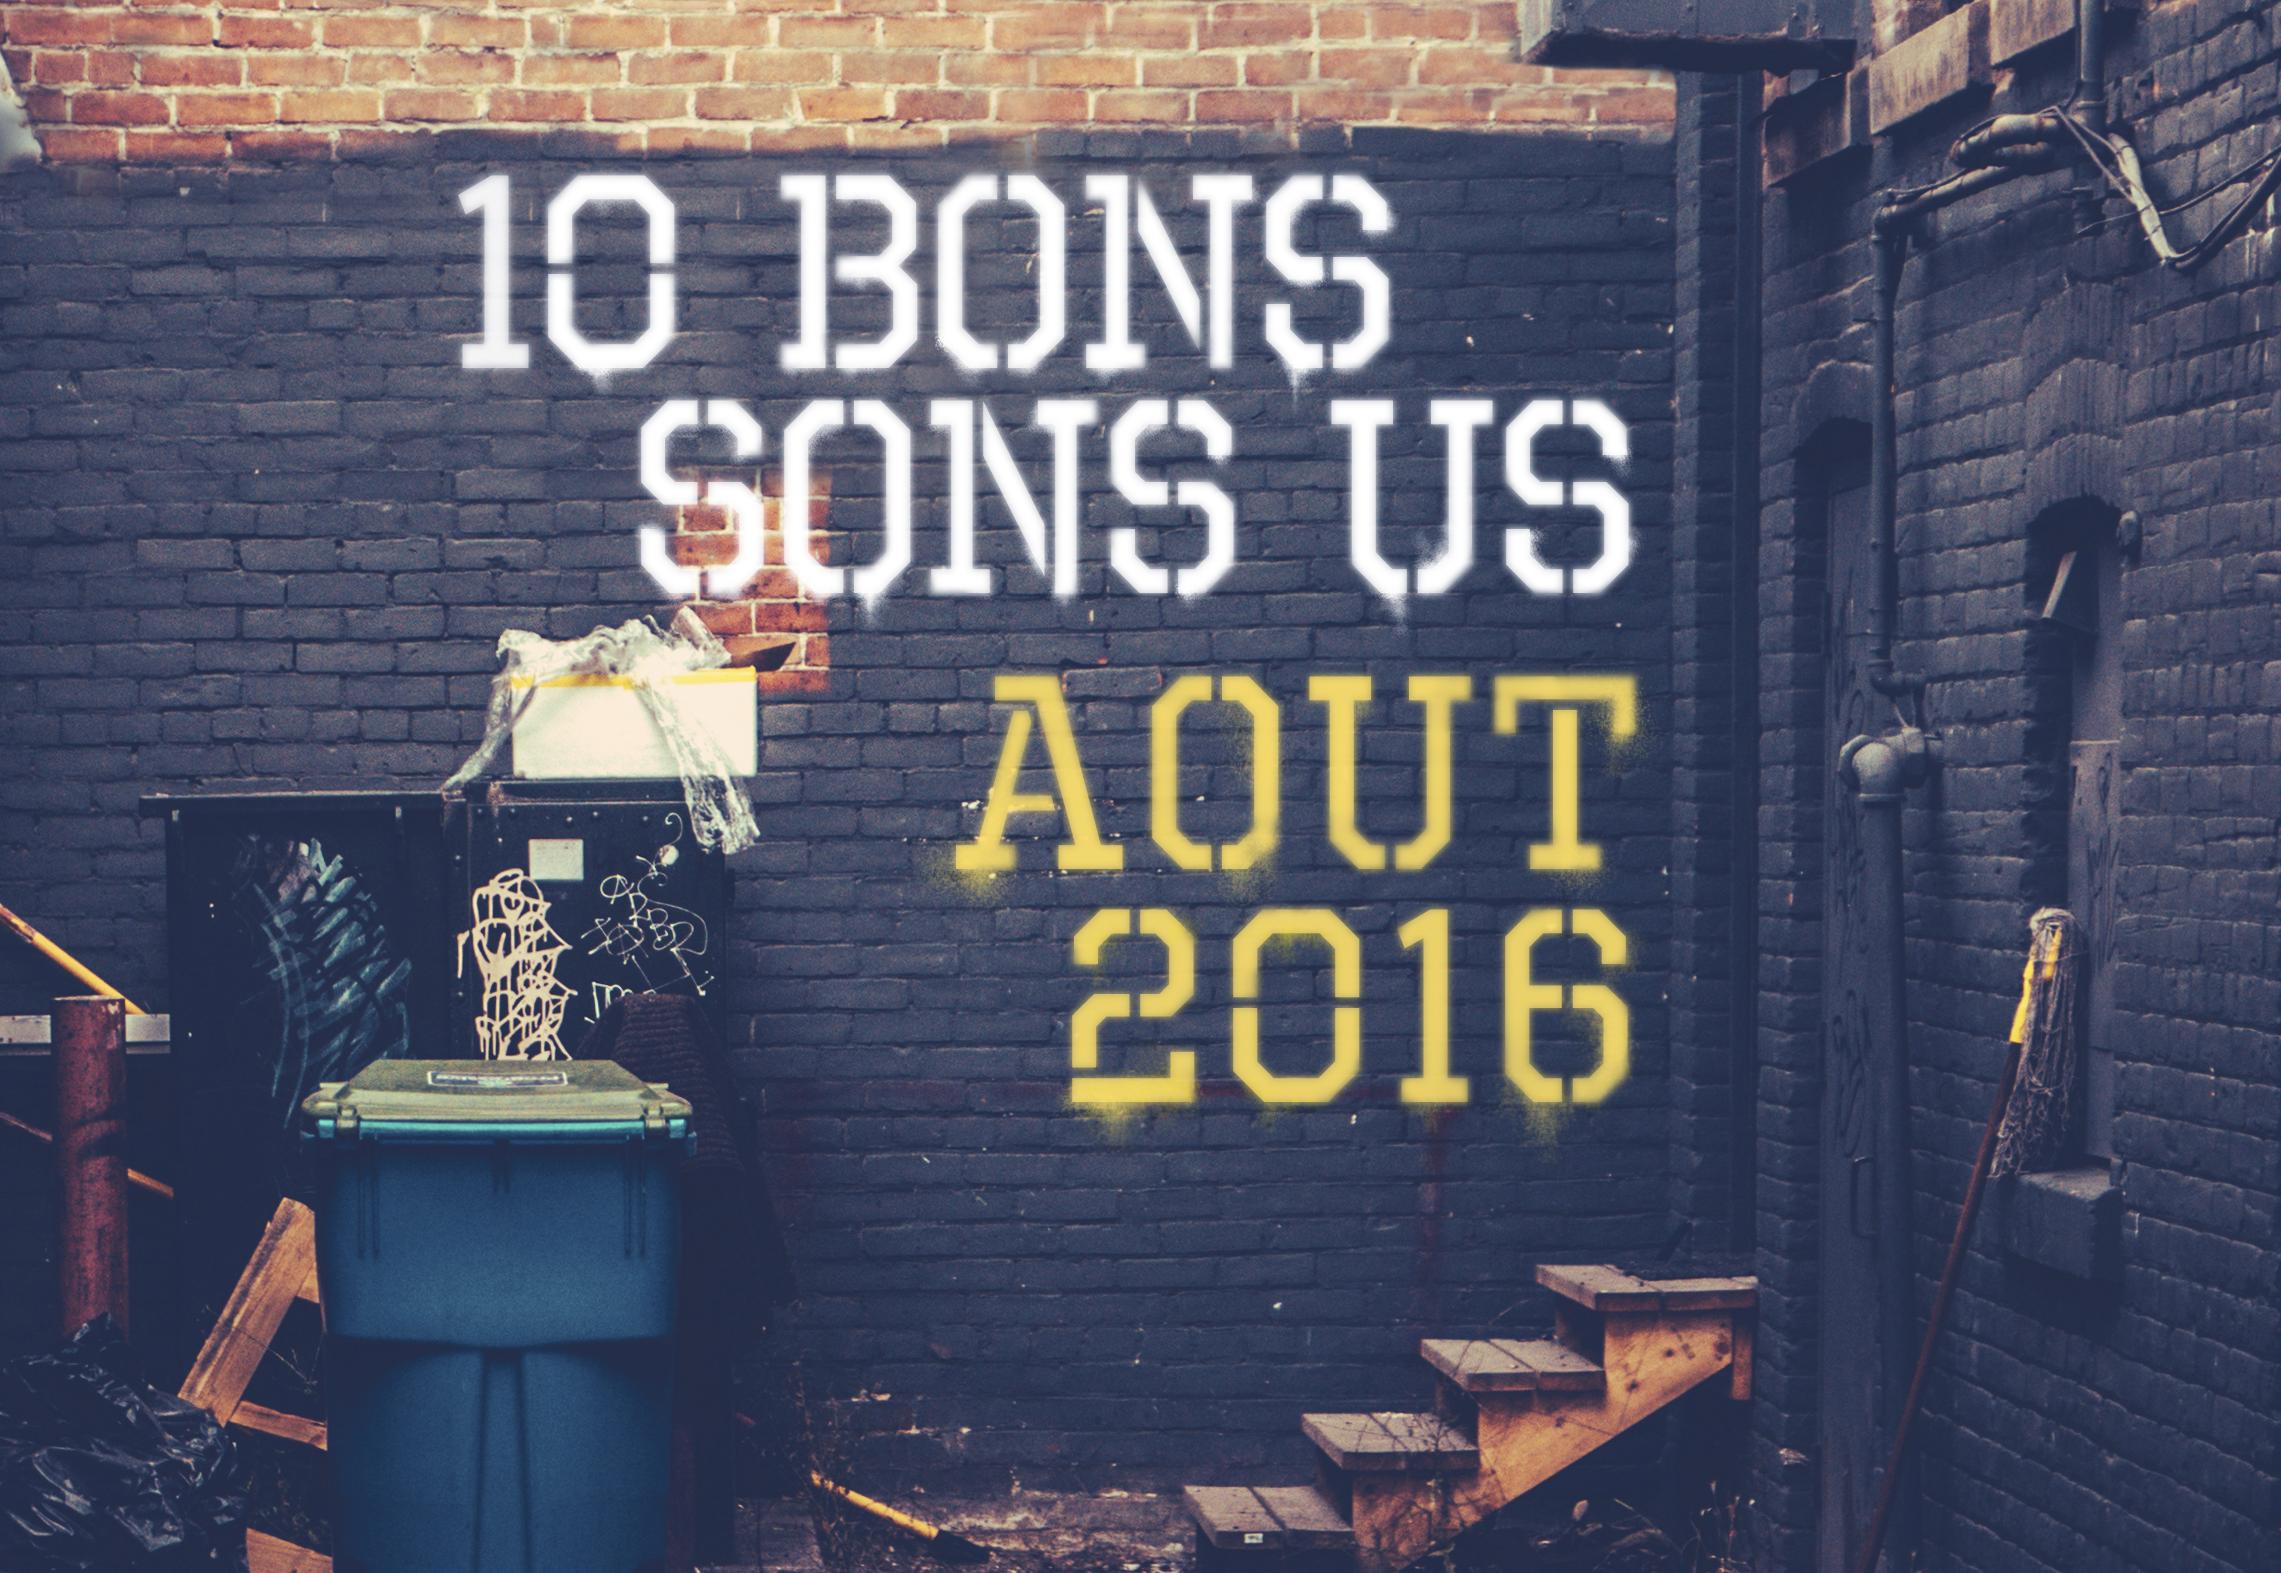 Bons Sons US_Aout